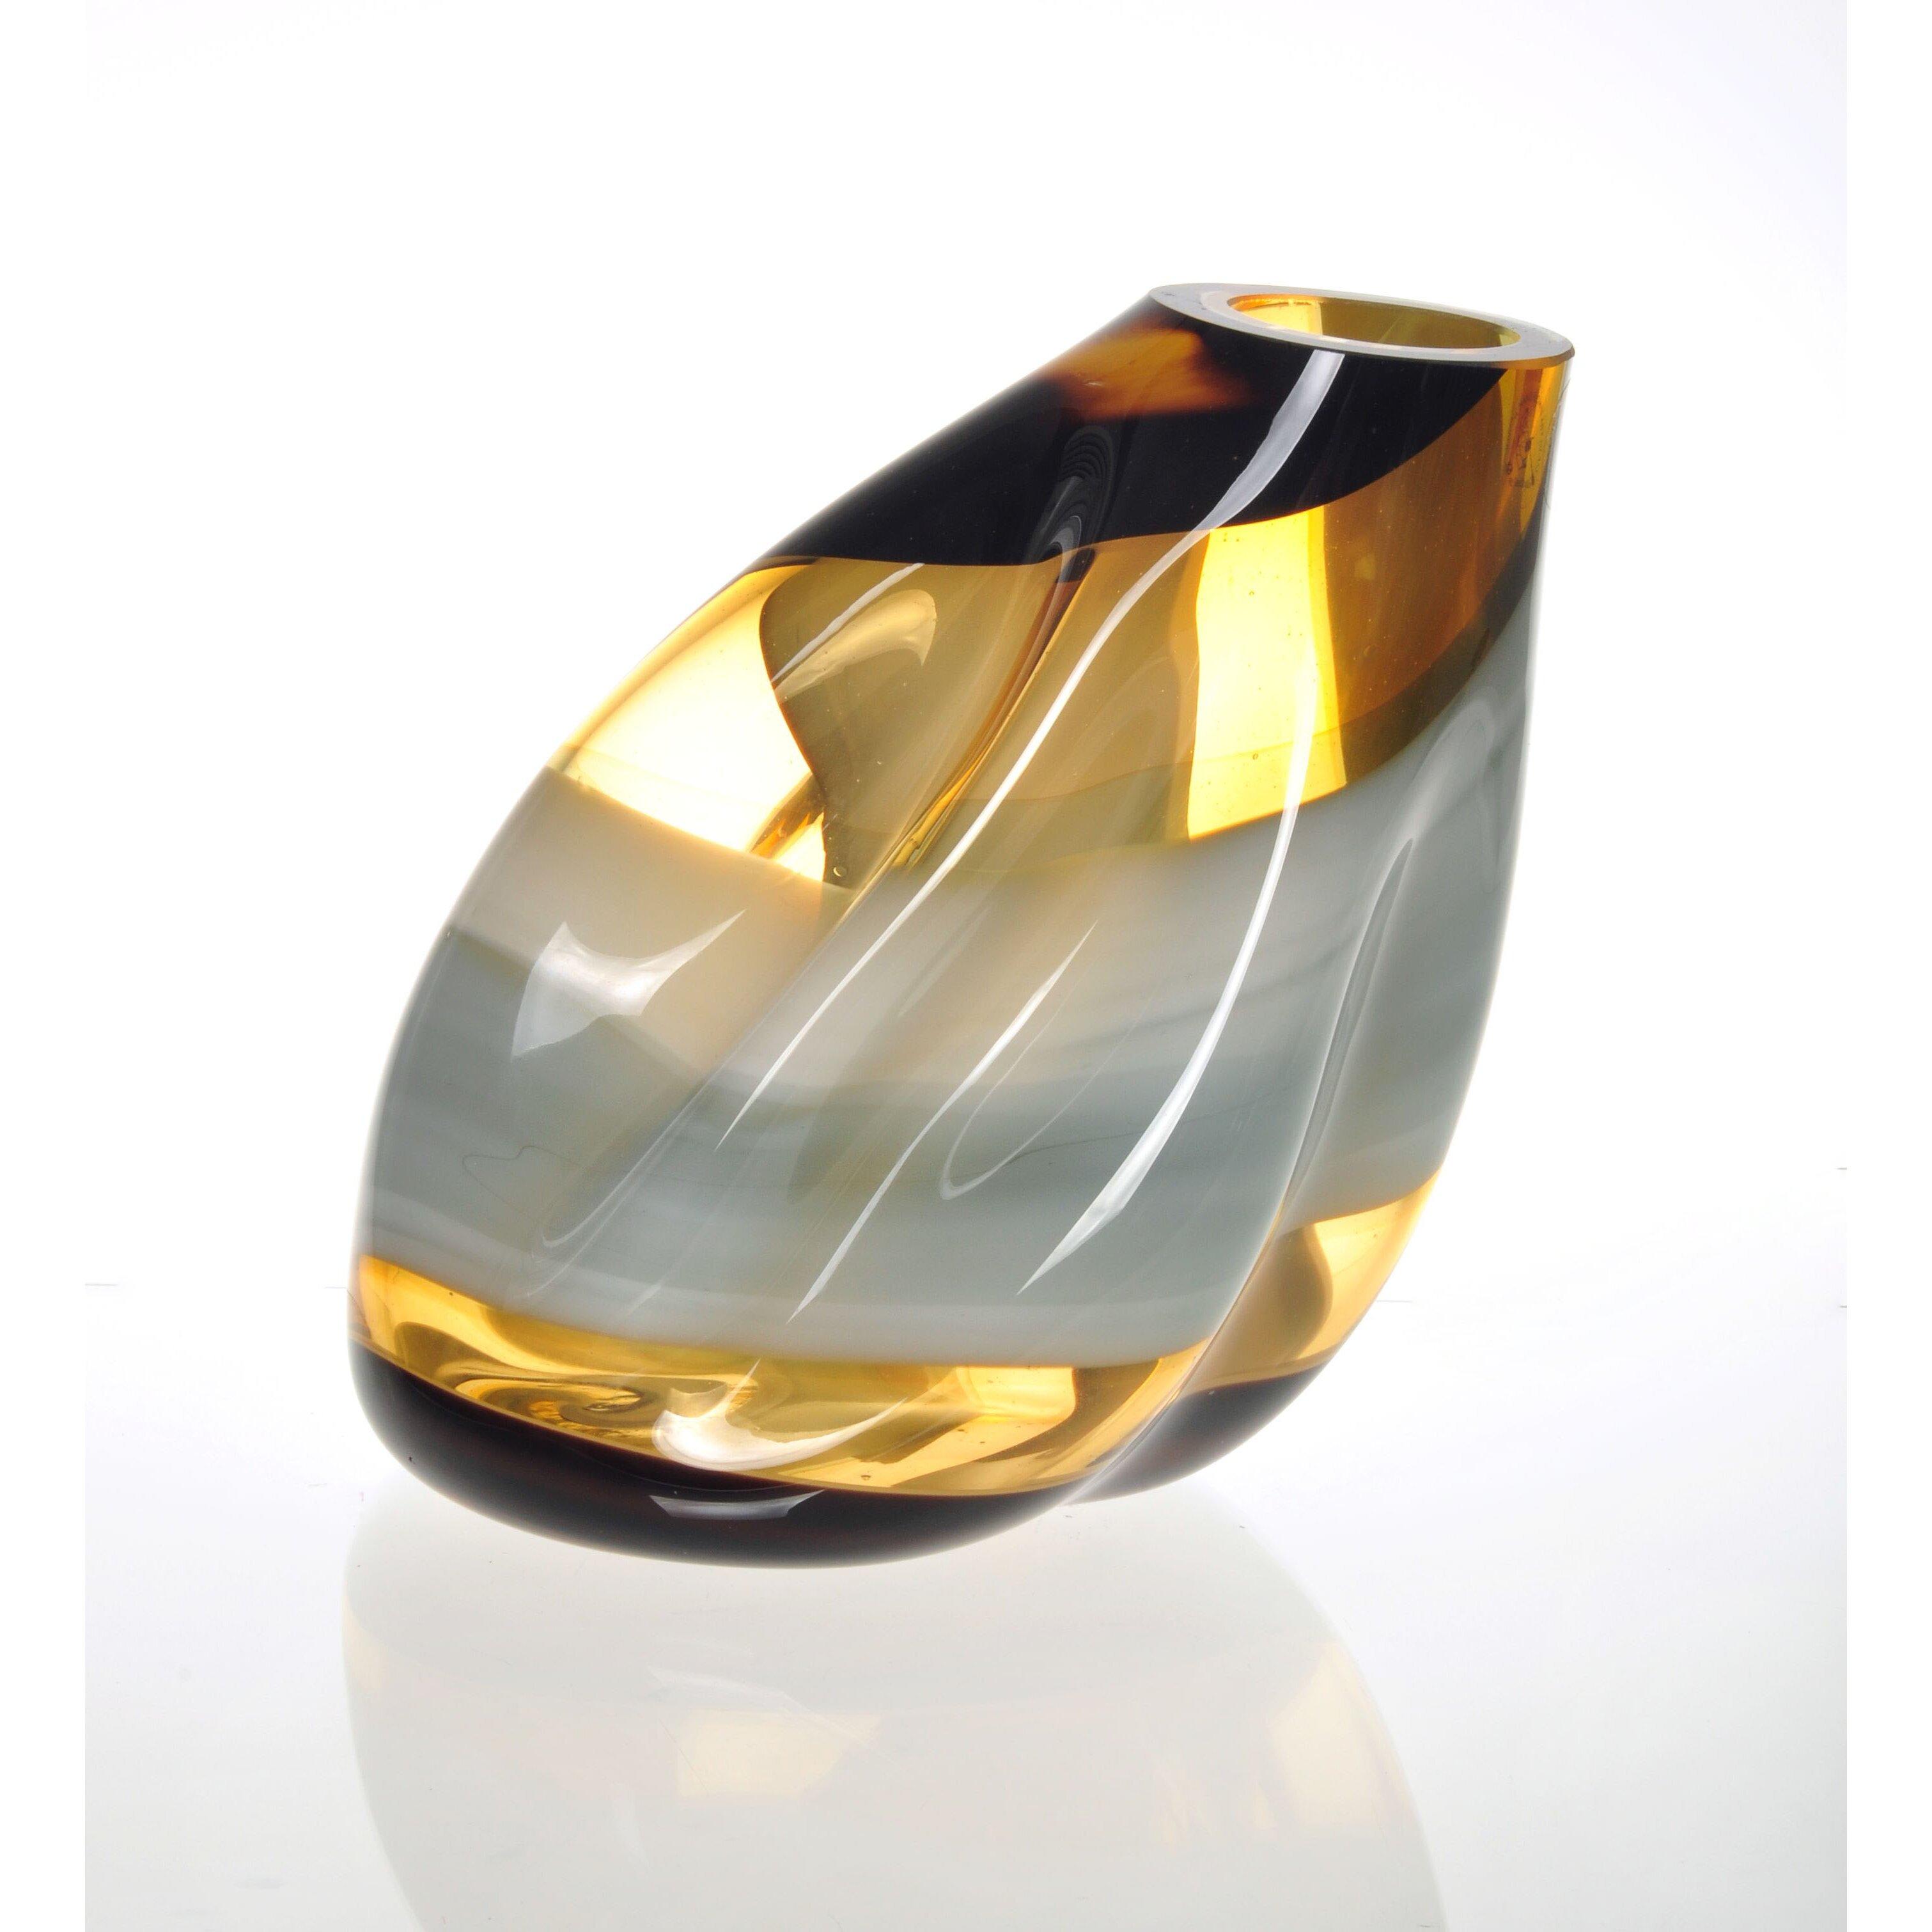 Viz glass terre moderne slanted vase reviews - Moderne glasvasen ...